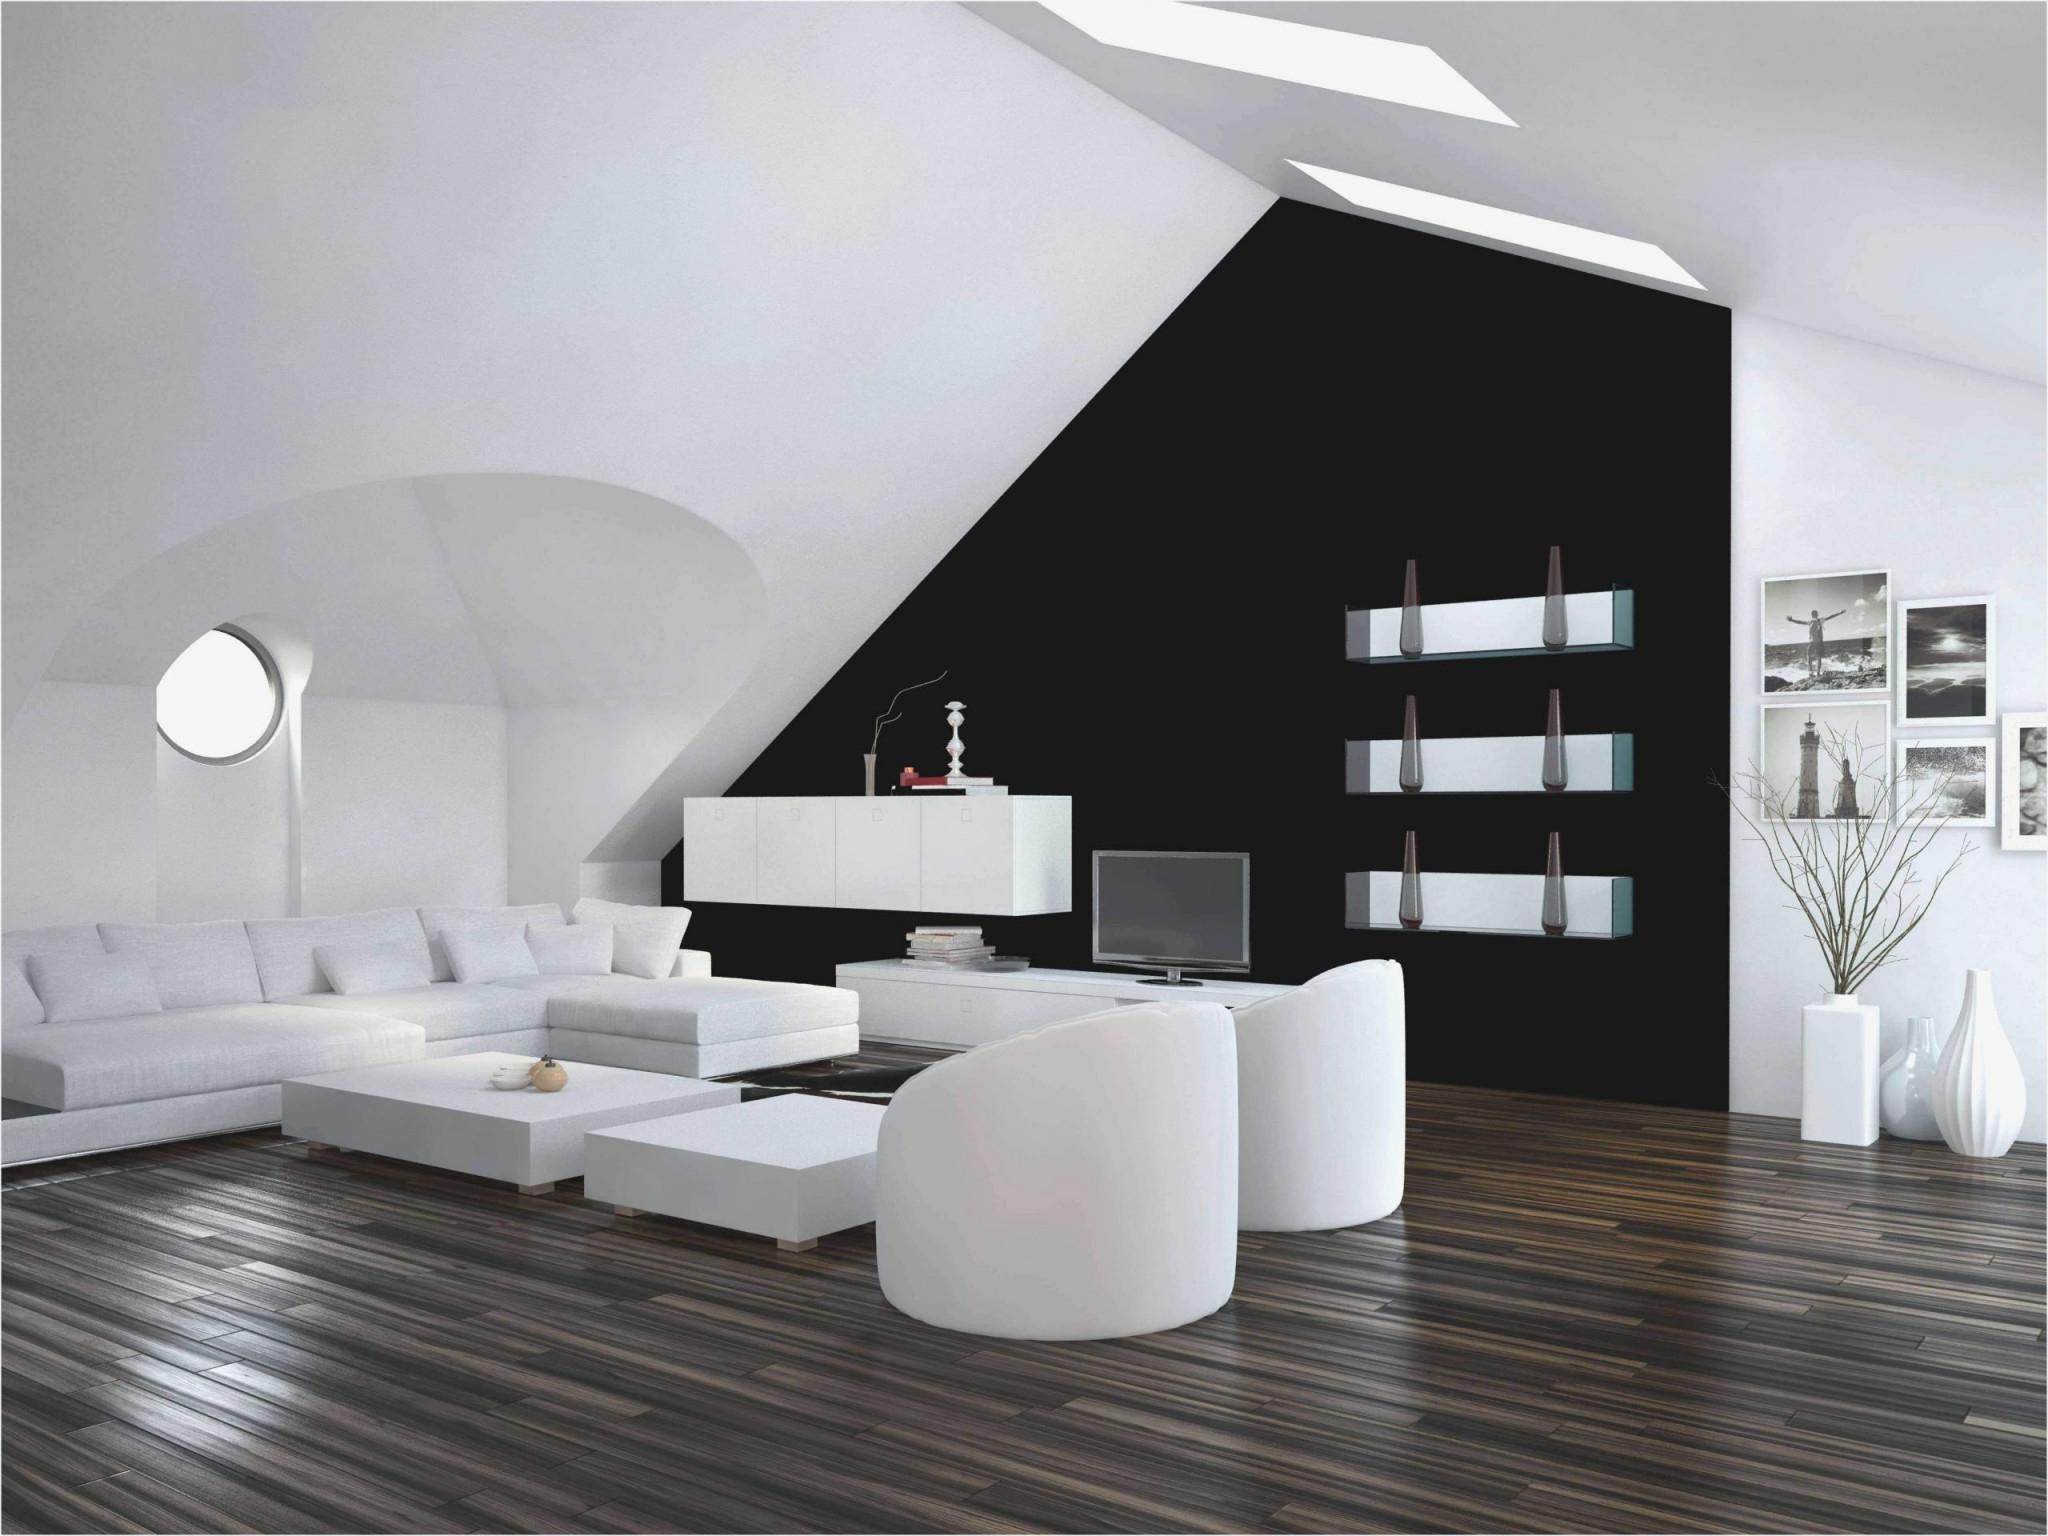 Bilder Cool Wohnzimmer Deko Ideen  Wohnzimmer  Traumhaus von Coole Bilder Wohnzimmer Bild